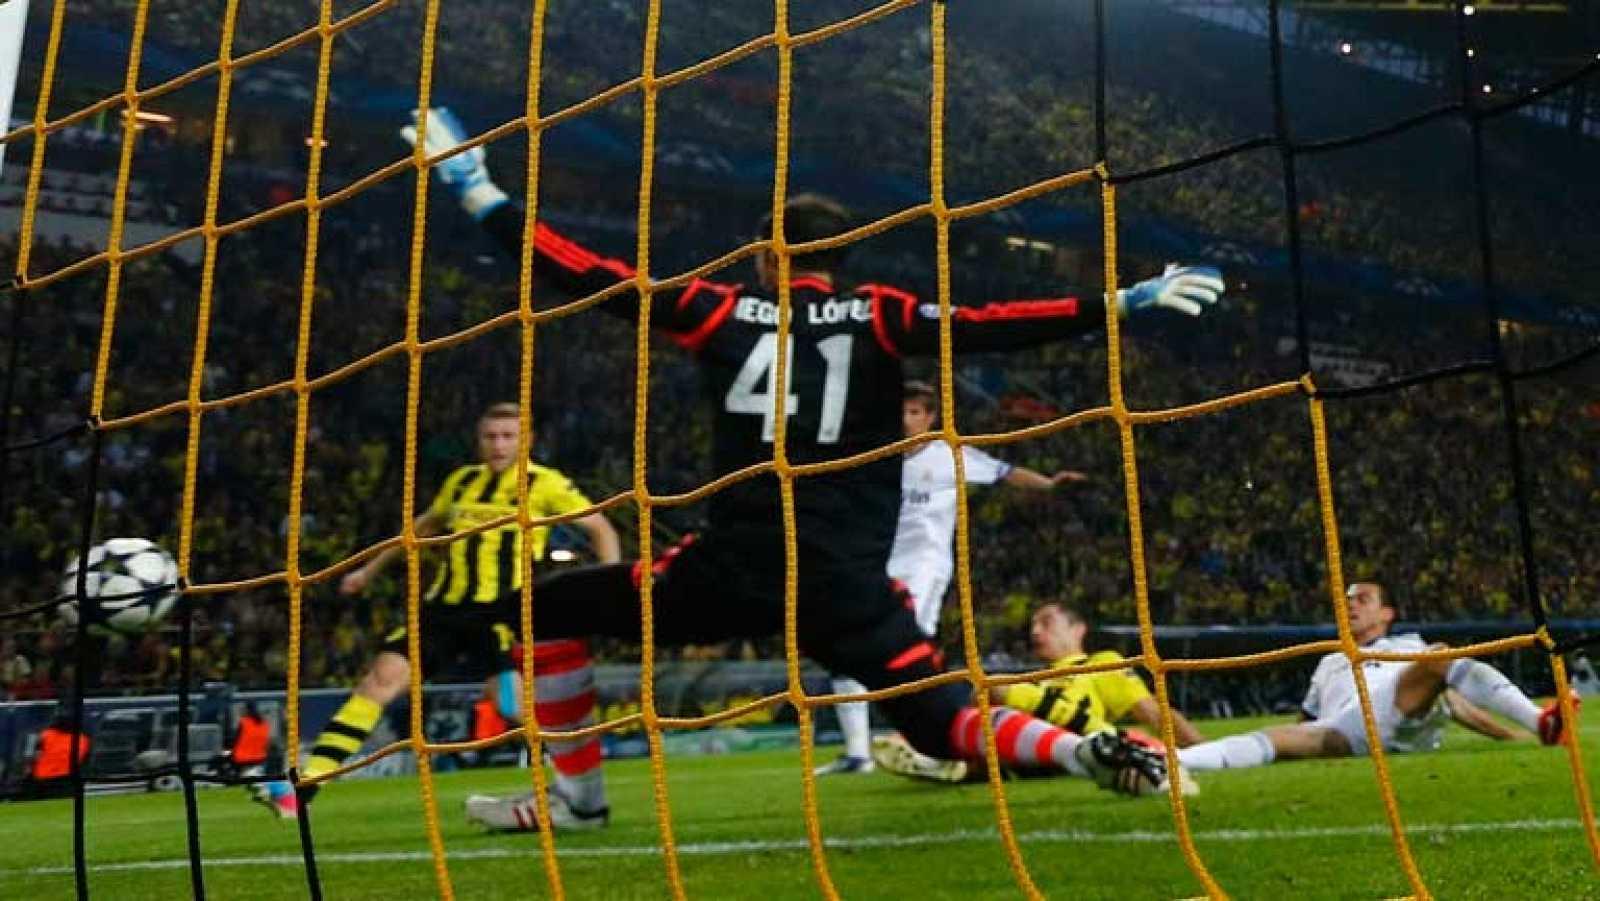 Robert Lewandowski ha marcado el segundo tanto del Borussia Dortmund ante el Real Madrid en el minuto 49 de juego. Los jugadores del Real Madrid han reclamado fuera de juego, pero el polaco estaba en posición legal.